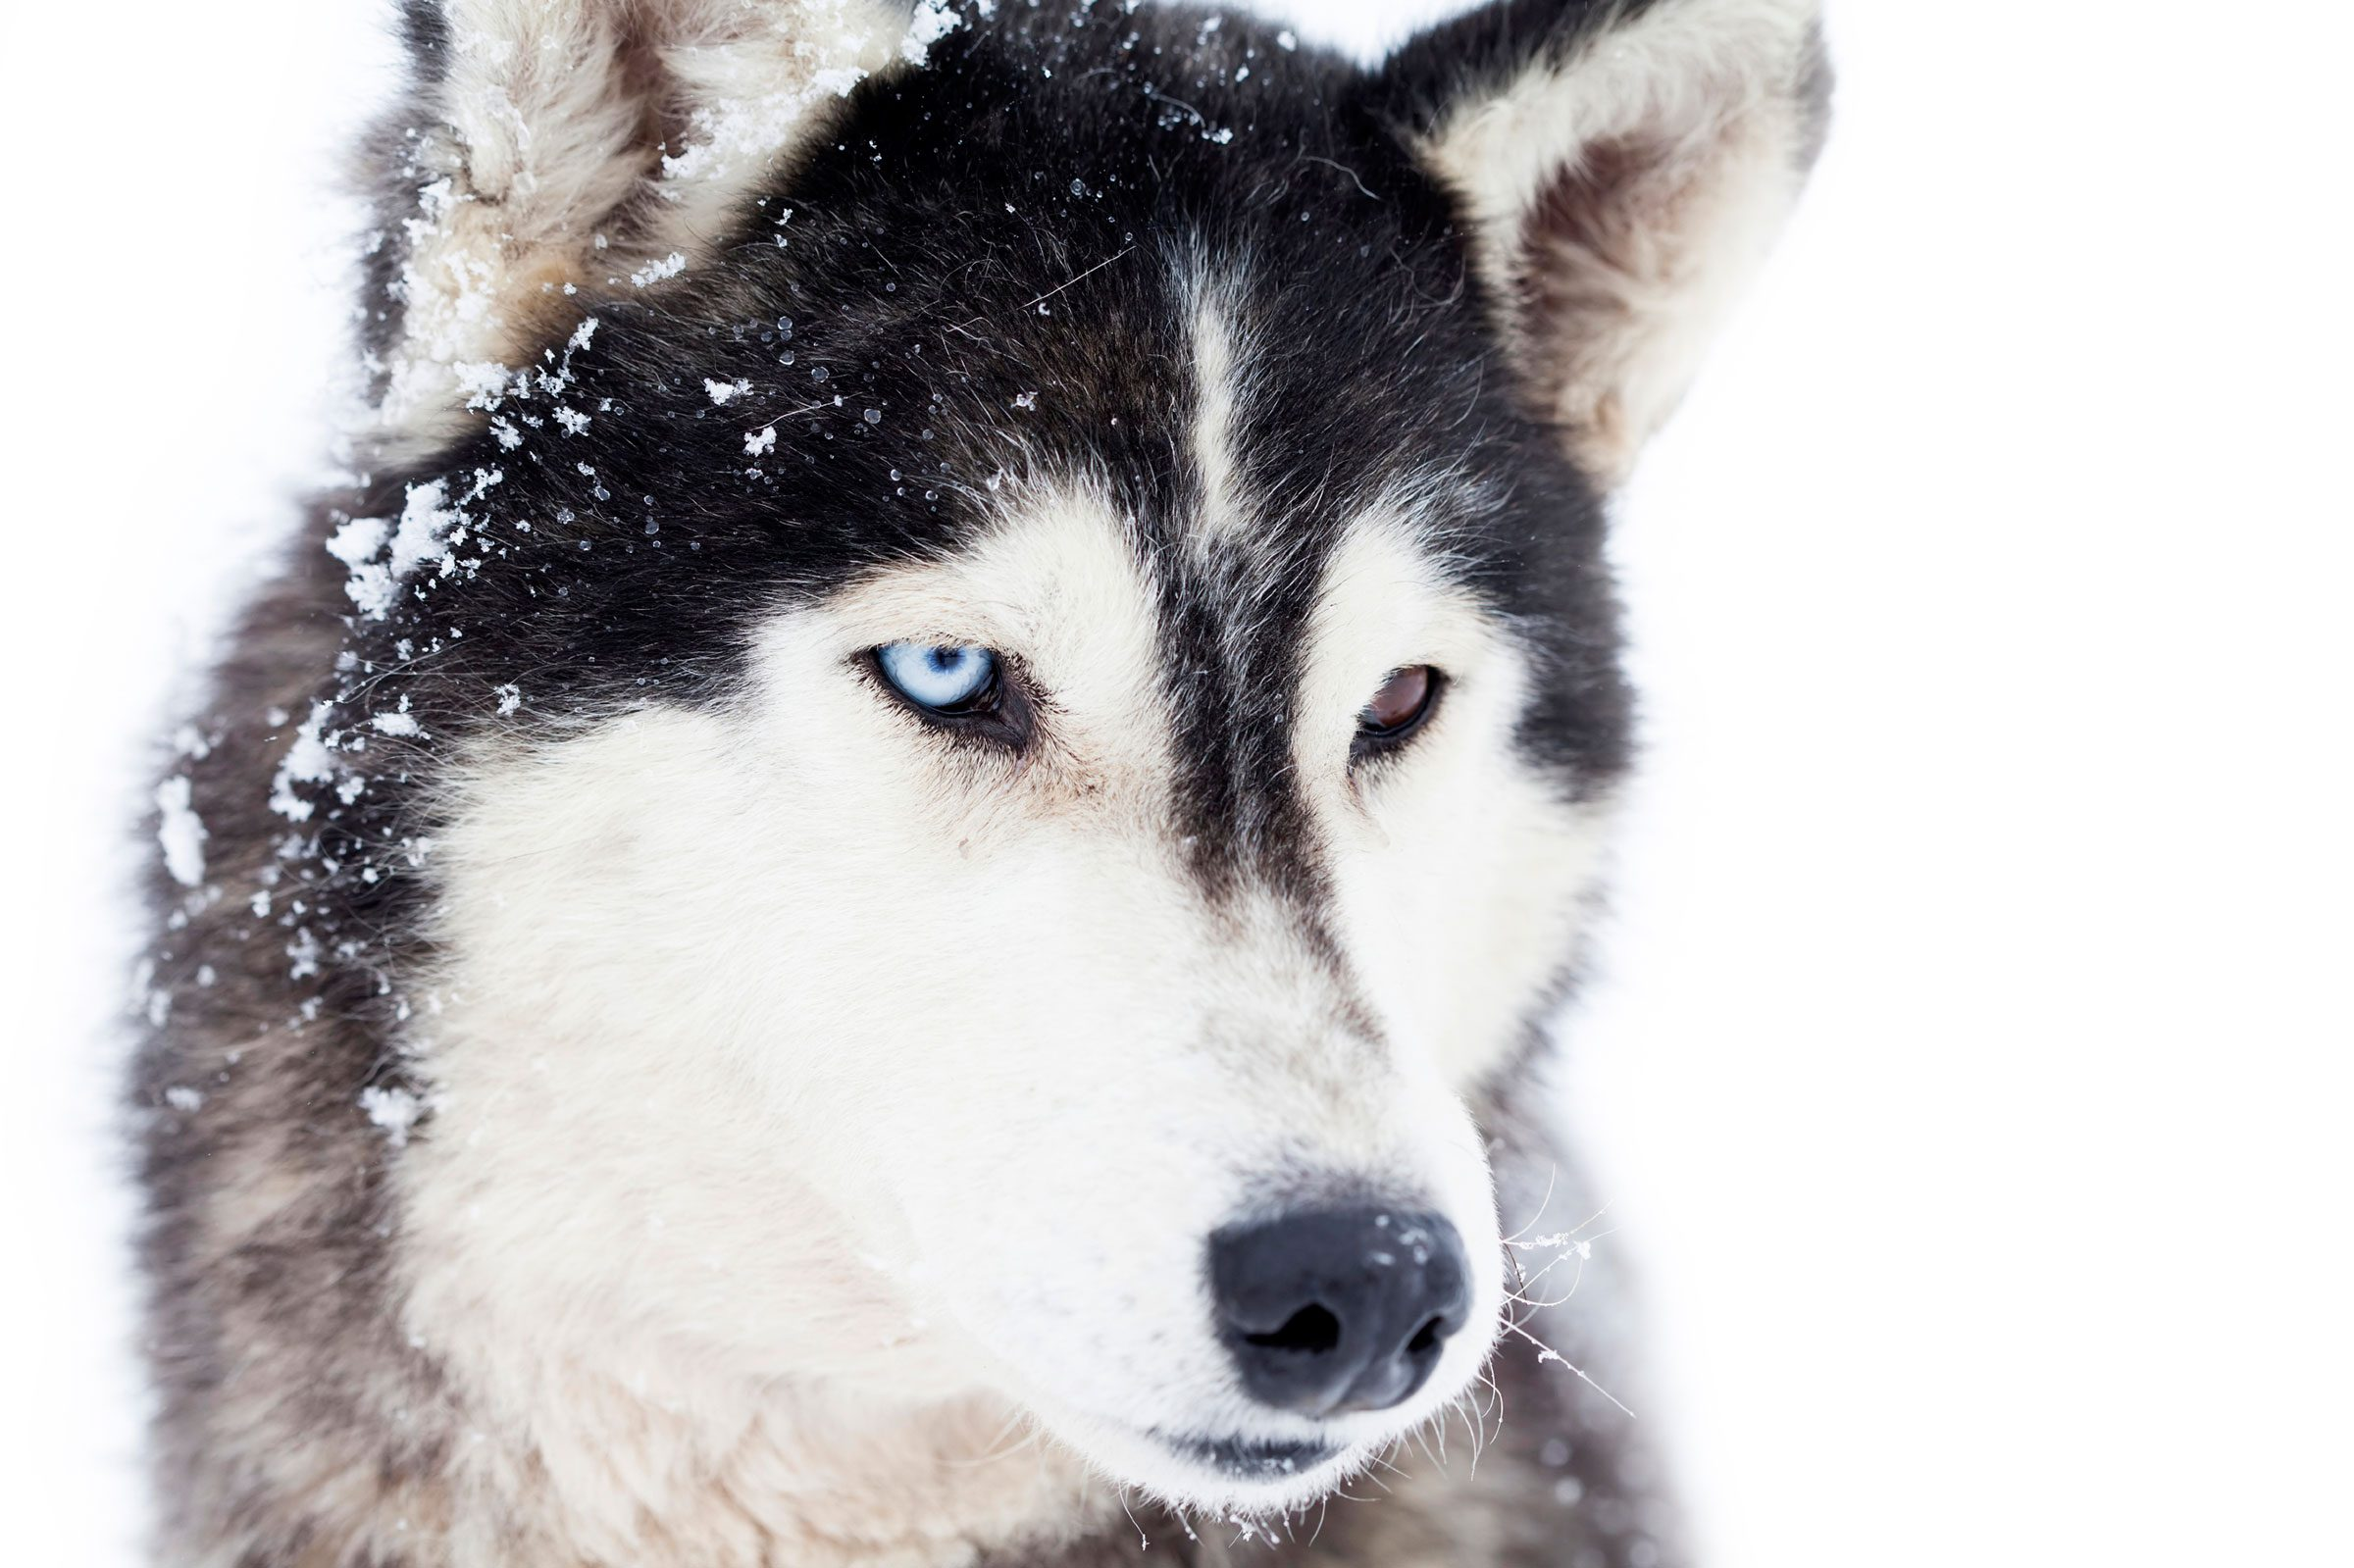 ... Dog Breeds Types Of Dog Breeds Husky Dog Breeds Just Dog Breeds Small